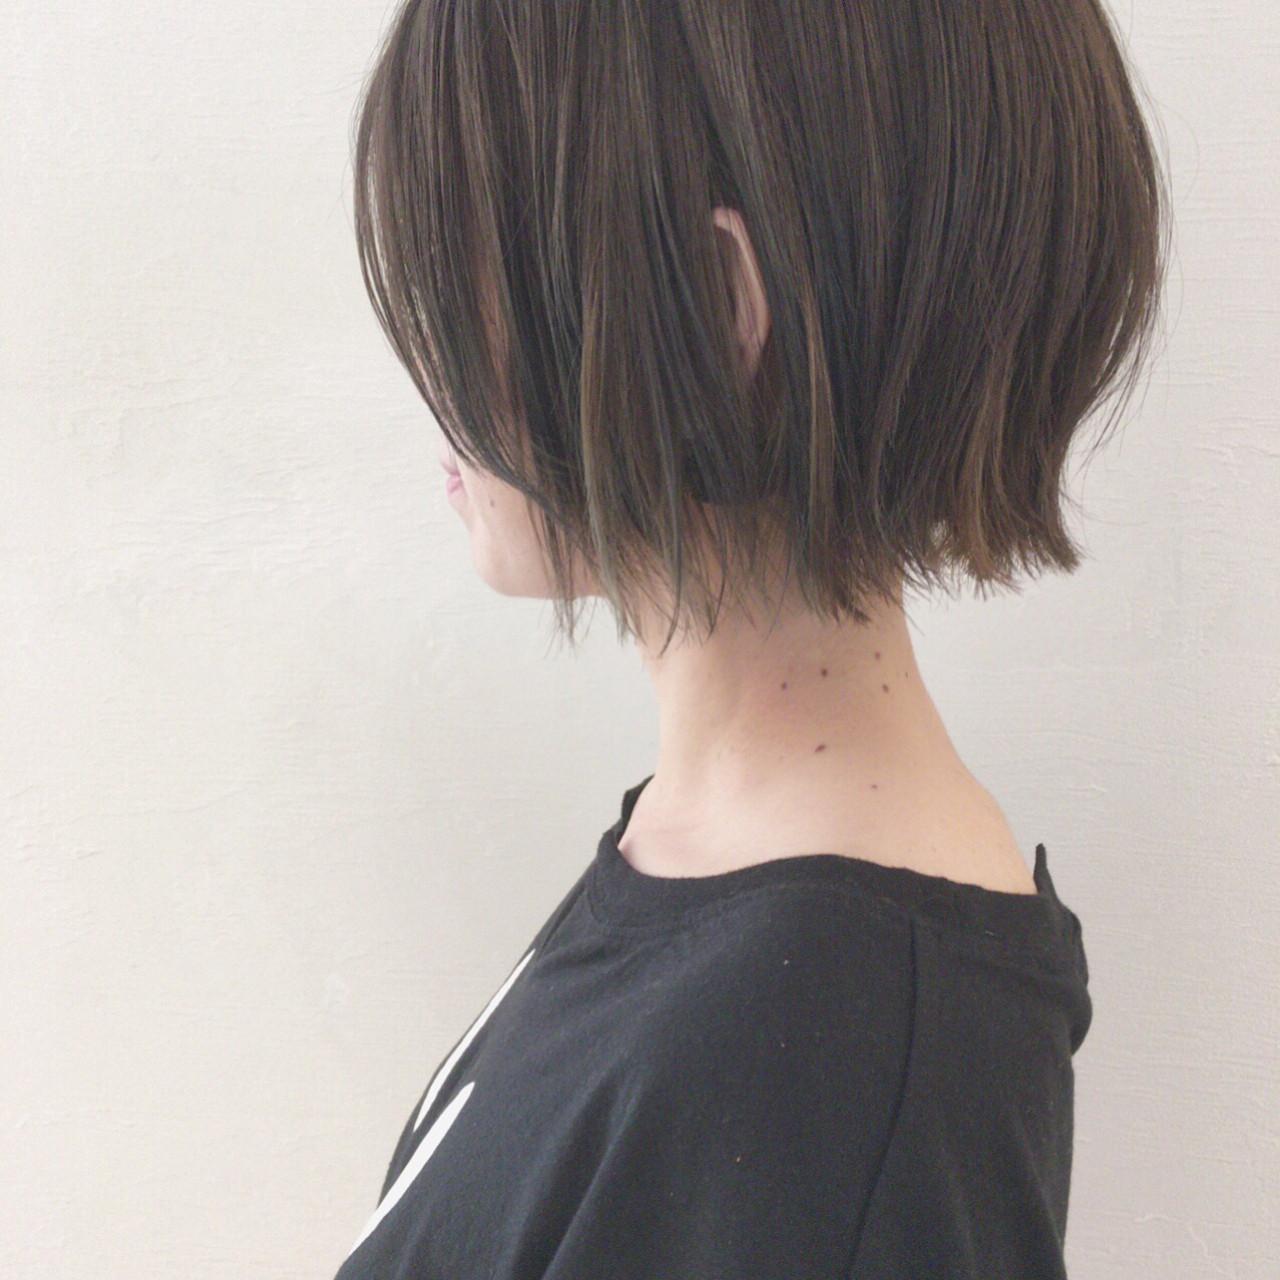 アウトドア デート オフィス リラックス ヘアスタイルや髪型の写真・画像 | 津村正和/大阪心斎橋 / freelance